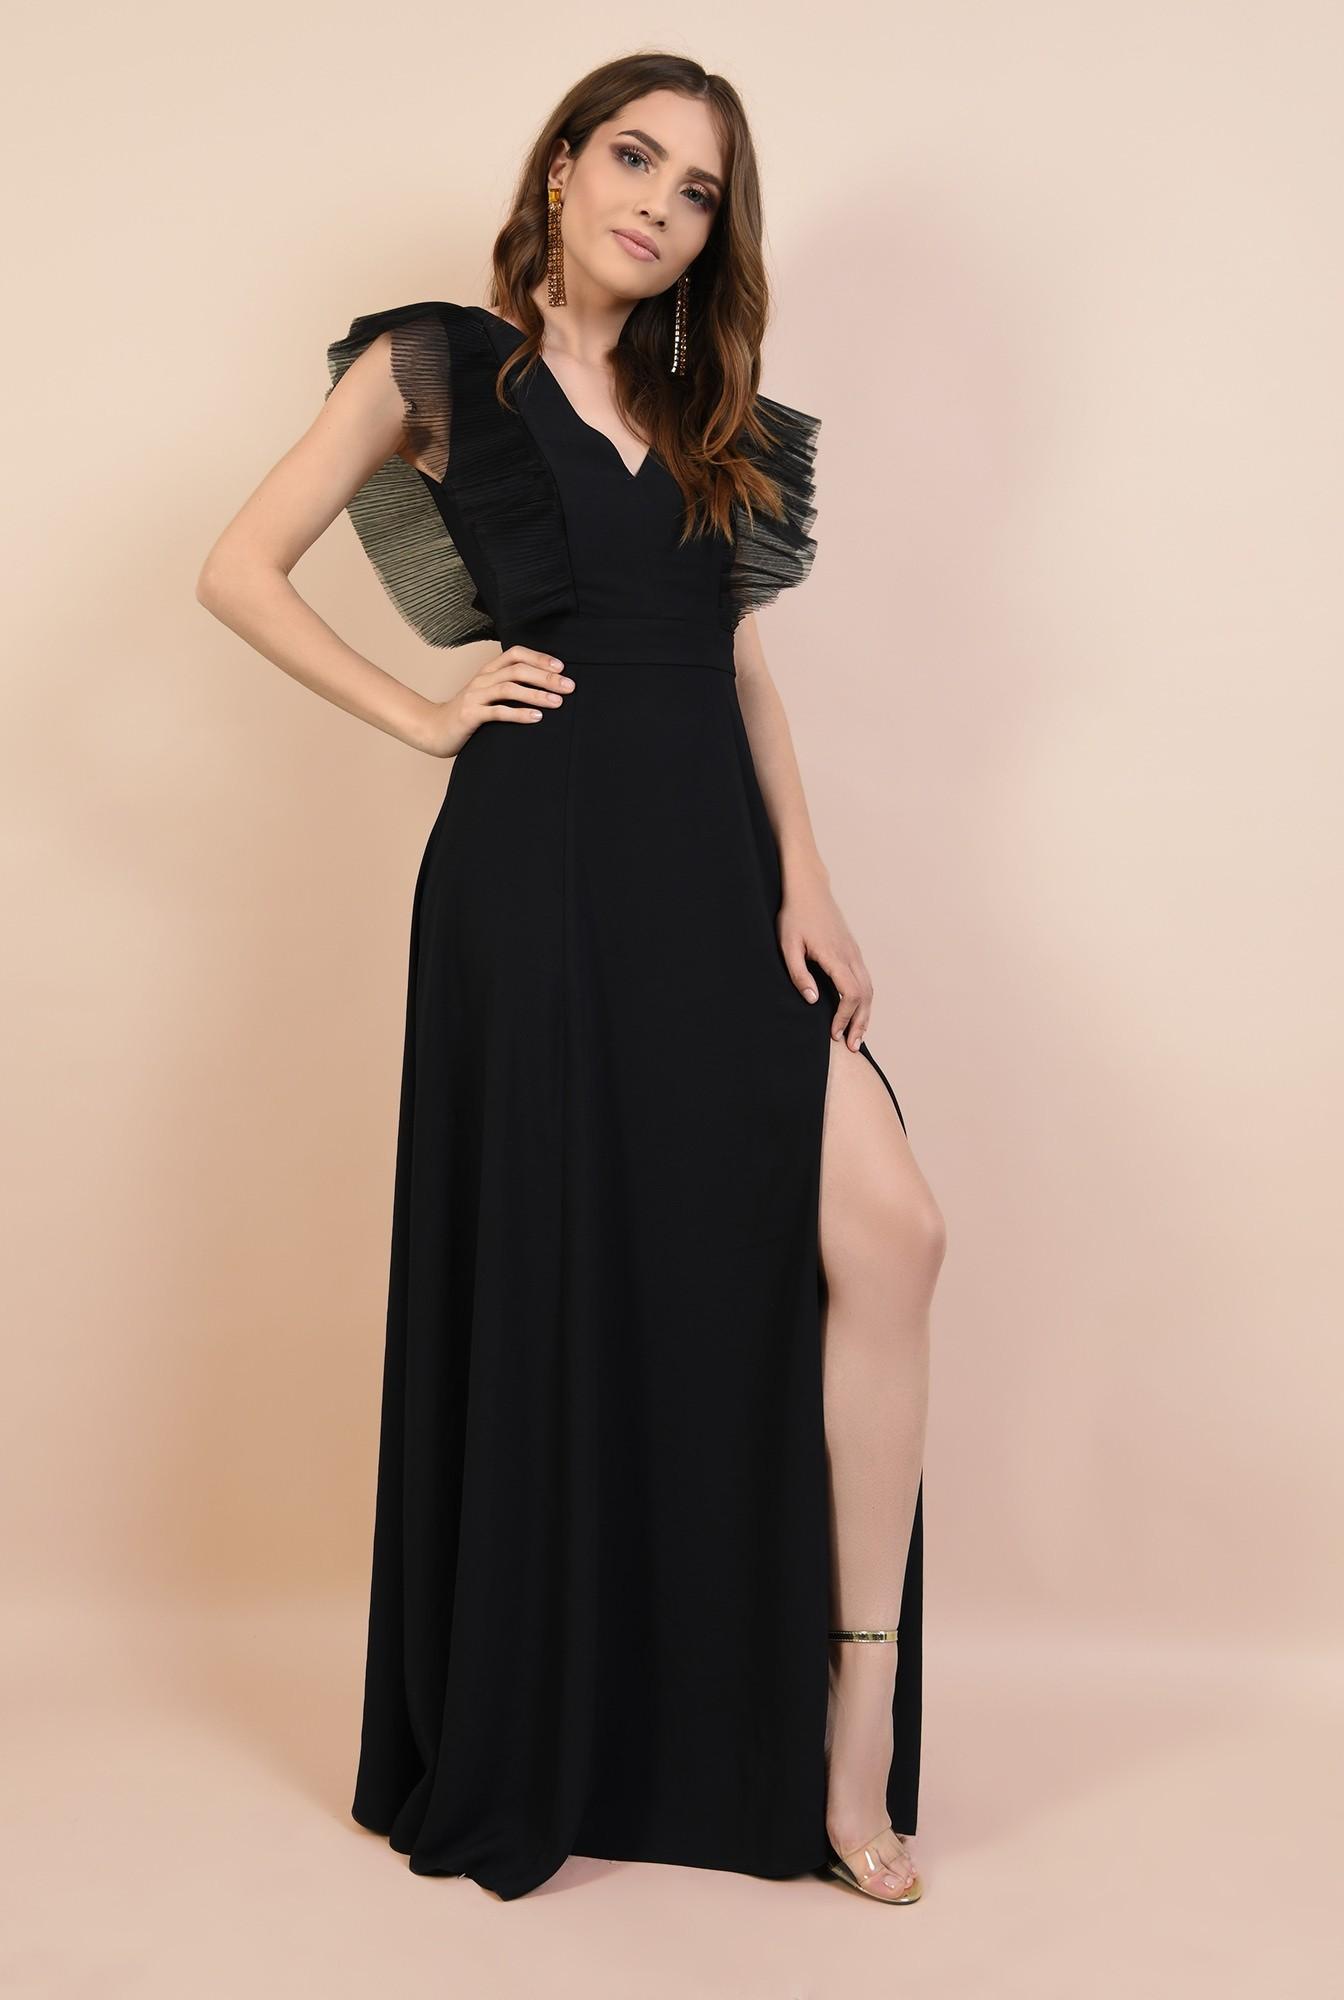 3 - rochie de ocazie, neagra, lunga, cu volane din tul, Poema, slit adanc